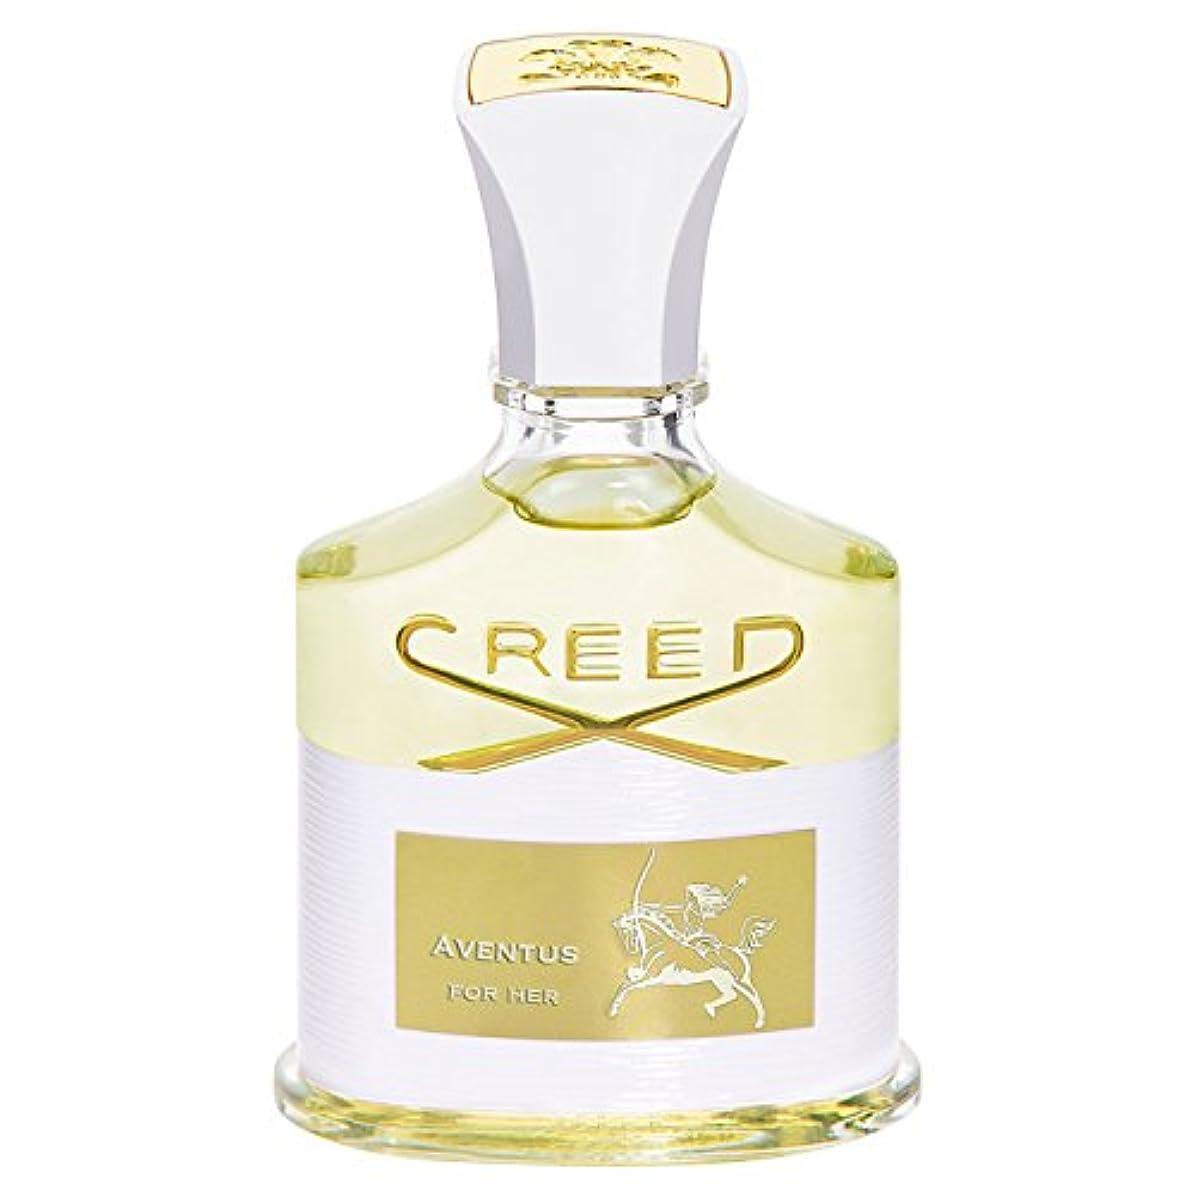 ドルお気に入り弾丸Creed Aventus for Her (クリード アベンタス フォー ハー) 2.5 oz (75ml) Spray